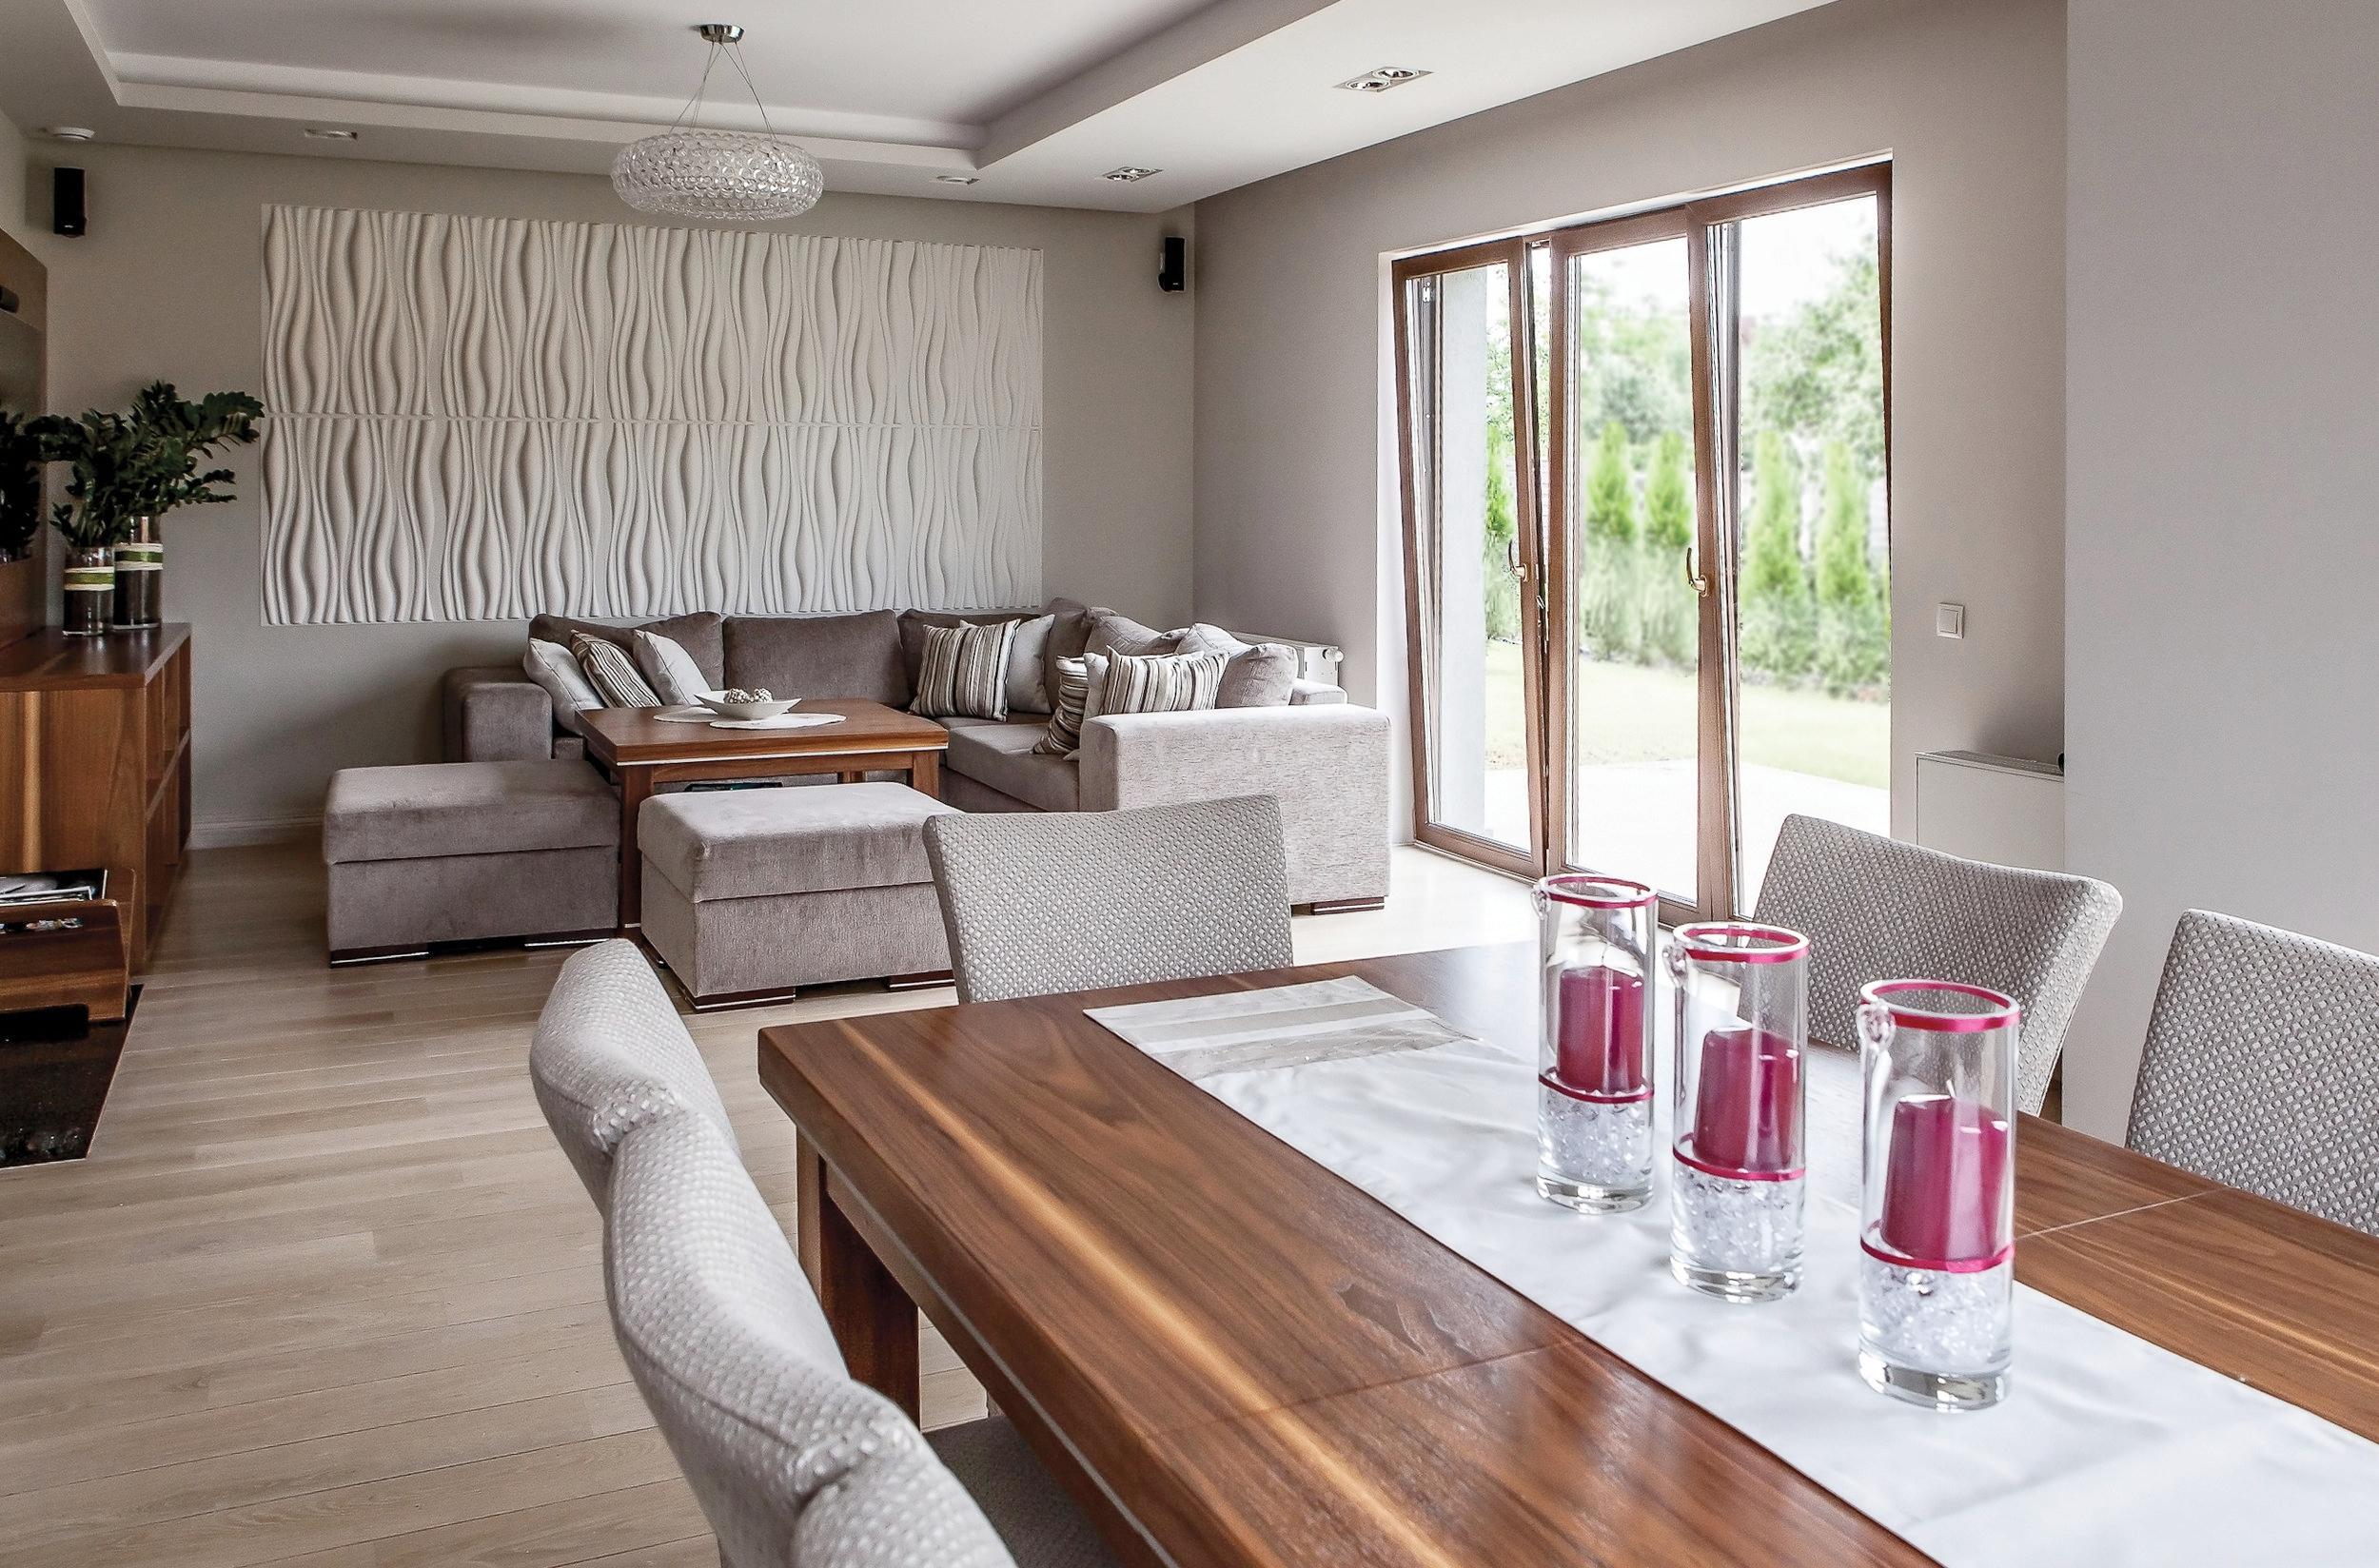 NOWOCZESNA WILLA W SWARZĘDZU - Bardzo luksusowy dom o powierzchni 286m2 w Swarzędzu - Nowej Wsi. Przestronność, wyjątkowa jakość wykończenia i zastosowanie zaawansowanych technologii to niewątpliwe atuty nieruchomości.